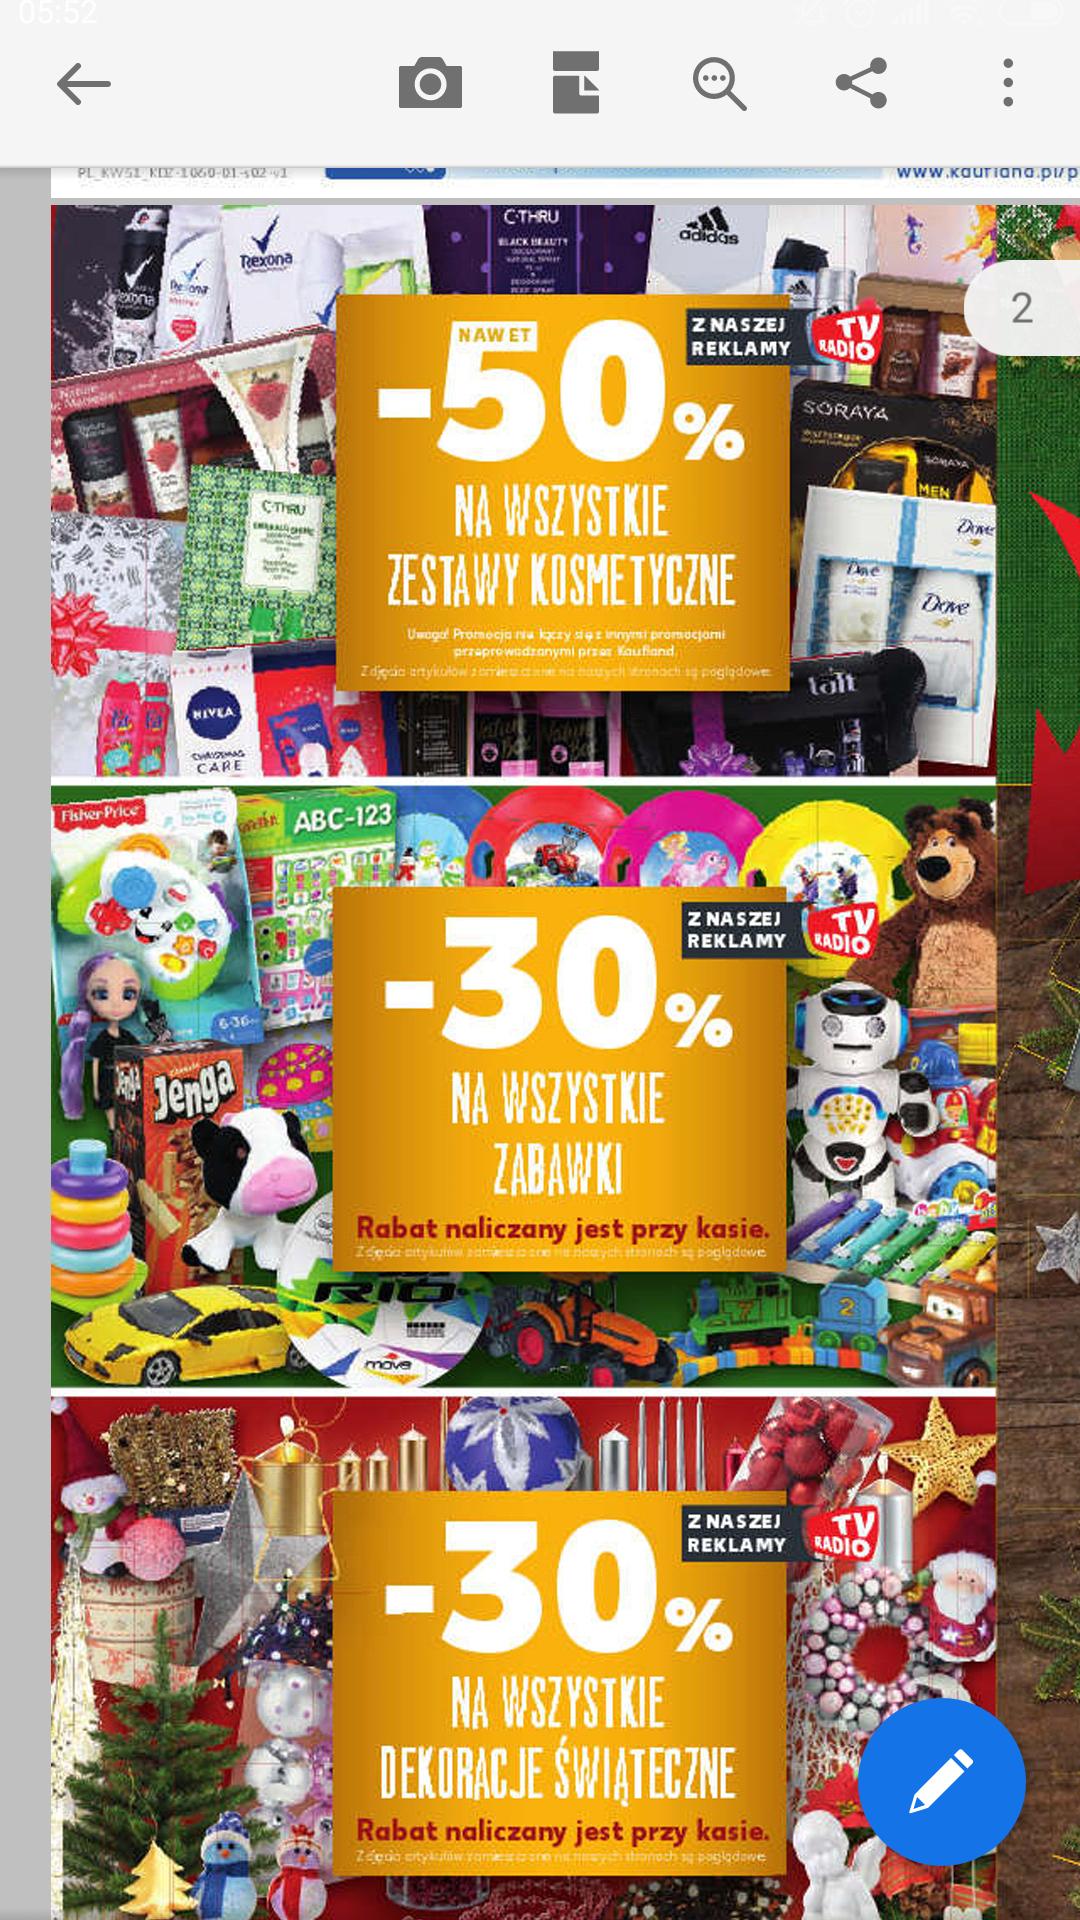 -30% na dekoracje świąteczne w KAUFLAND